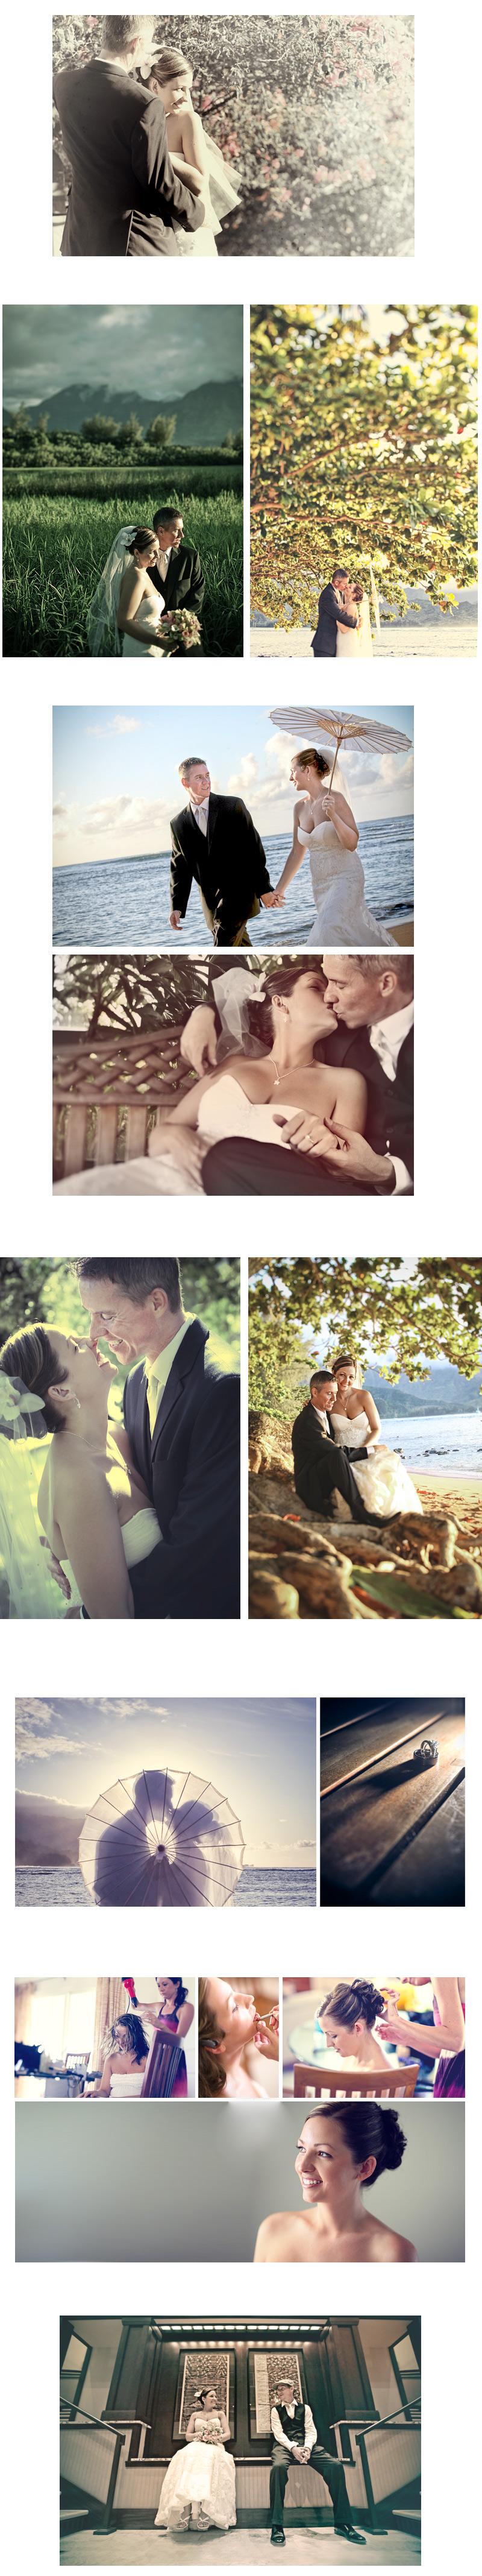 Shawn Starr : Modern Wedding Photography : Pittsburgh Wedding Photographer : Kauai Wedding